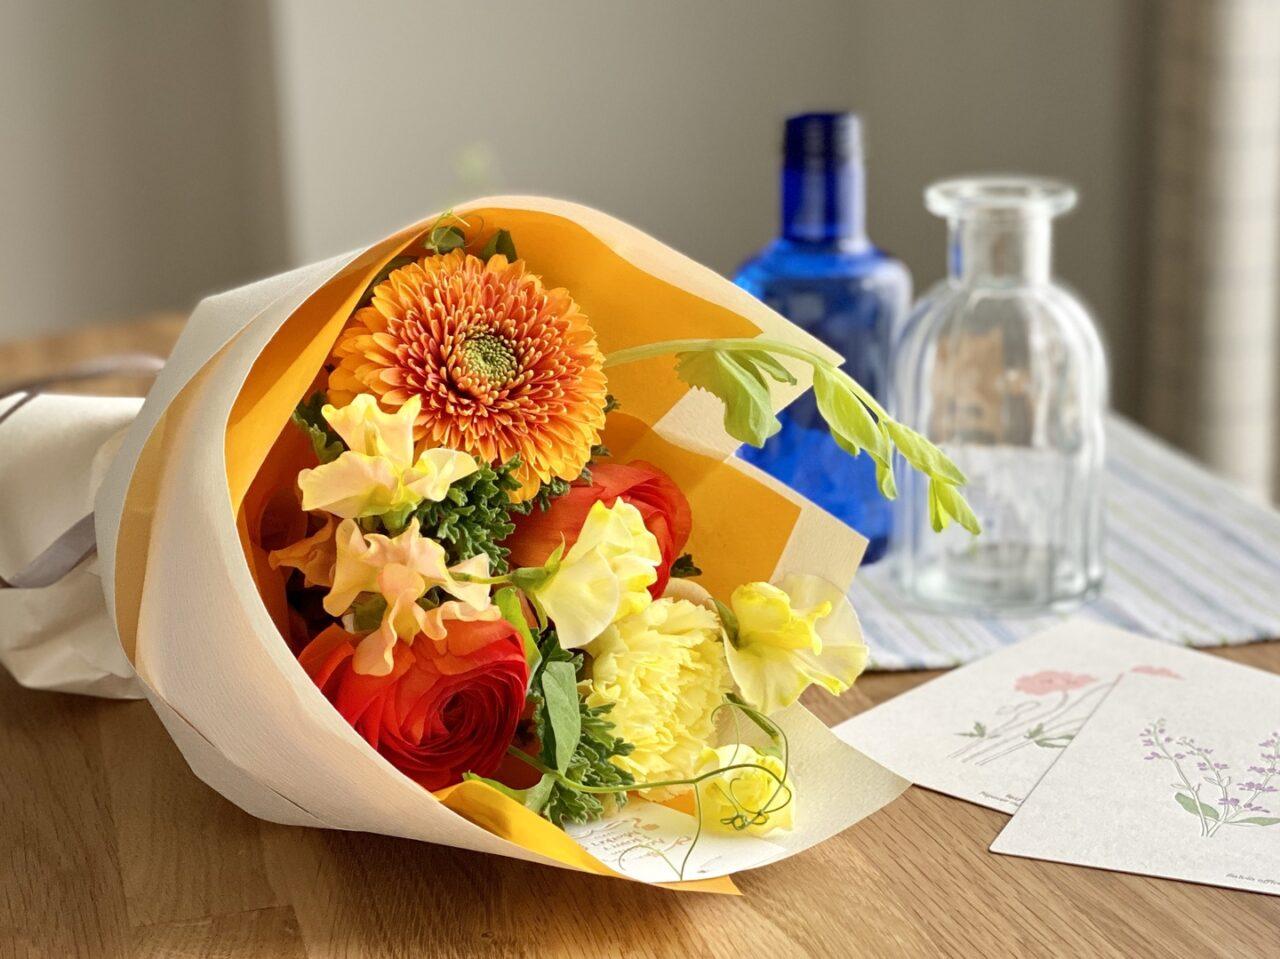 結婚祝い ブーケ 花束 贈り物 プレゼント